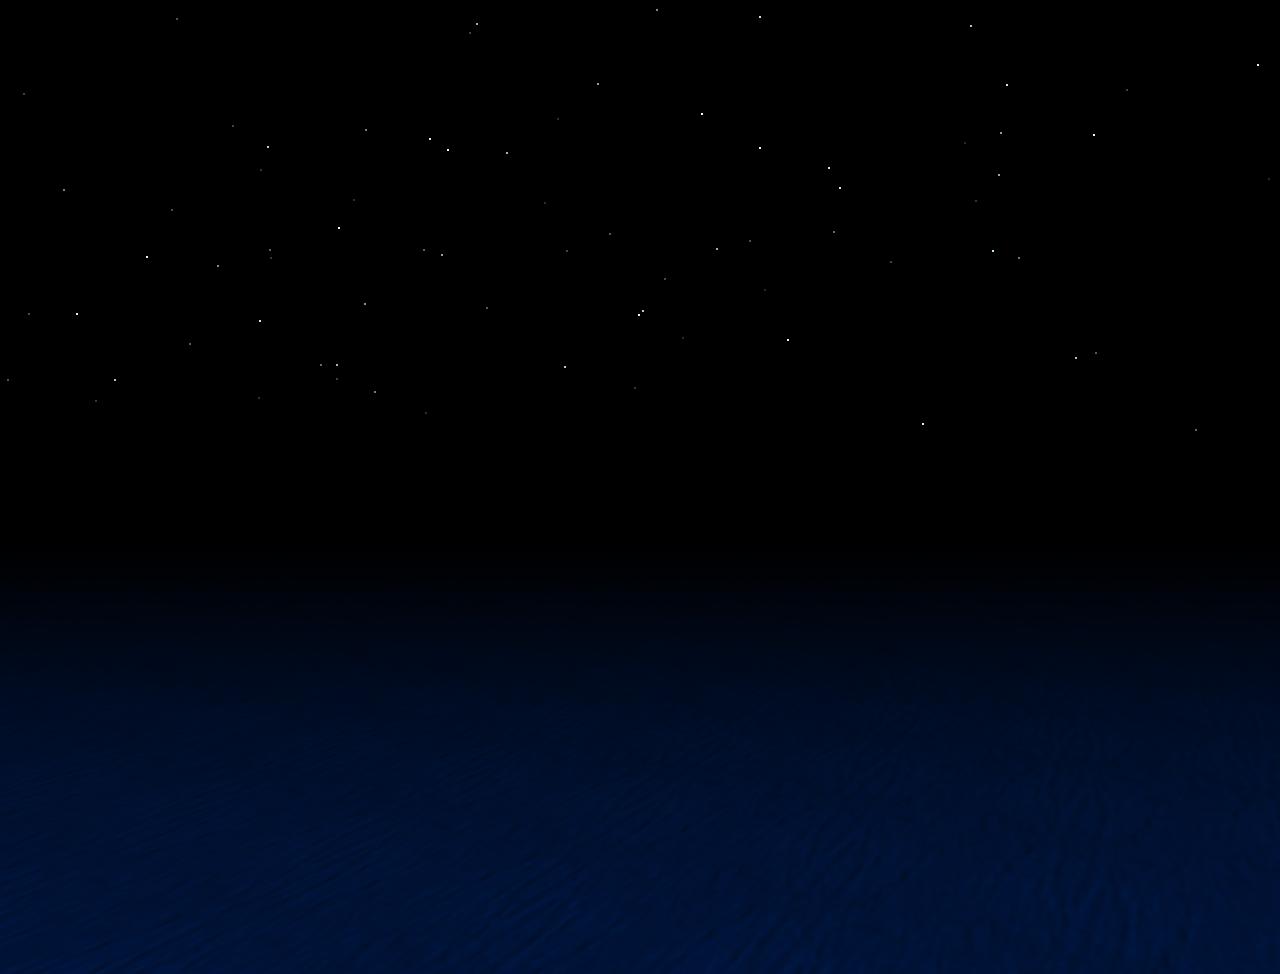 """Résultat de recherche d'images pour """"nuit png"""""""